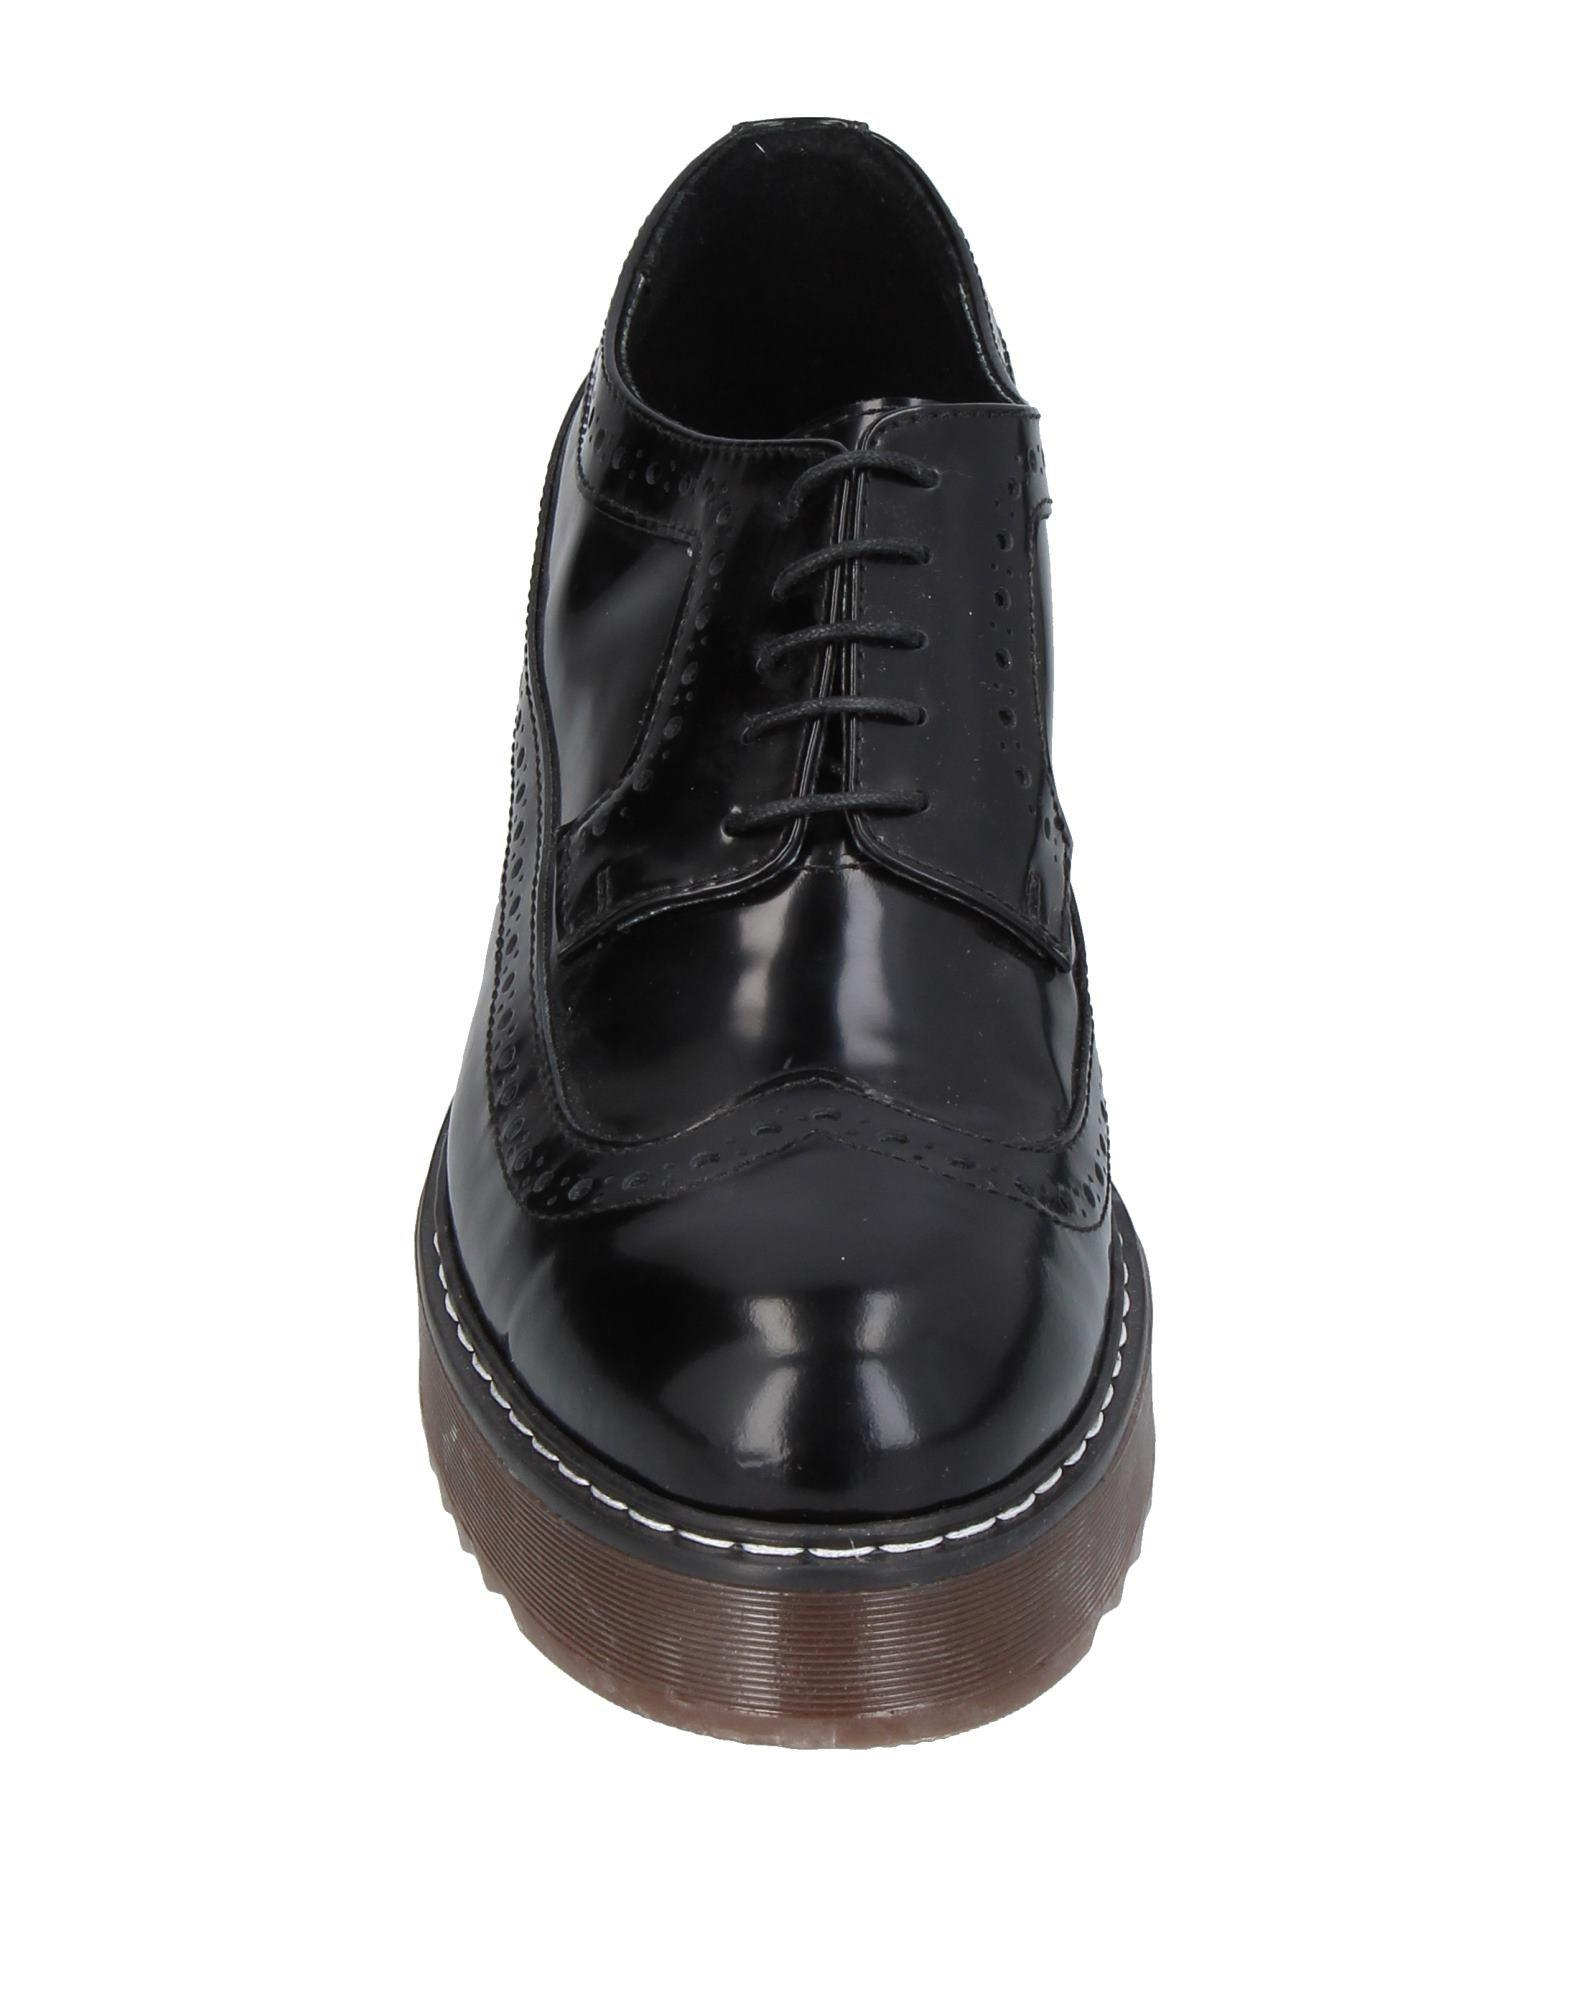 Conception Manifattura De Chaussures À Lacets MeBTwp2hA